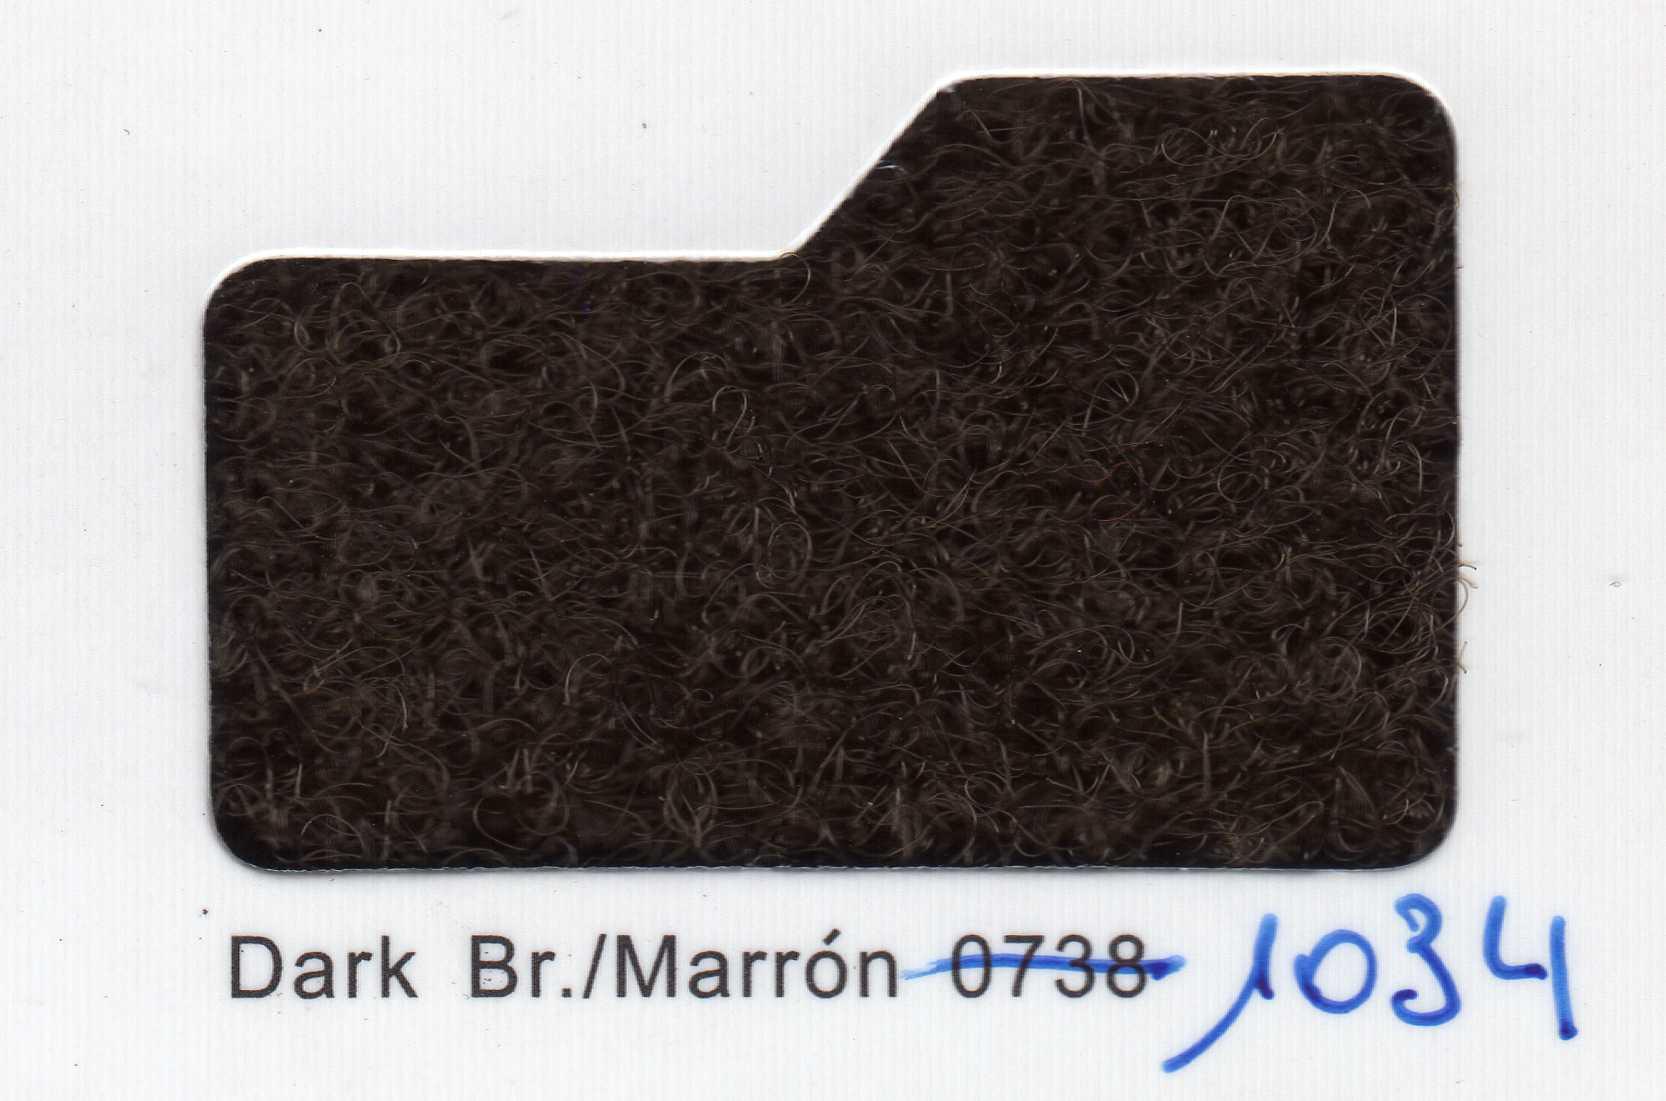 Cinta de cierre Velcro-Veraco 30mm Marrón 1034 (Gancho).